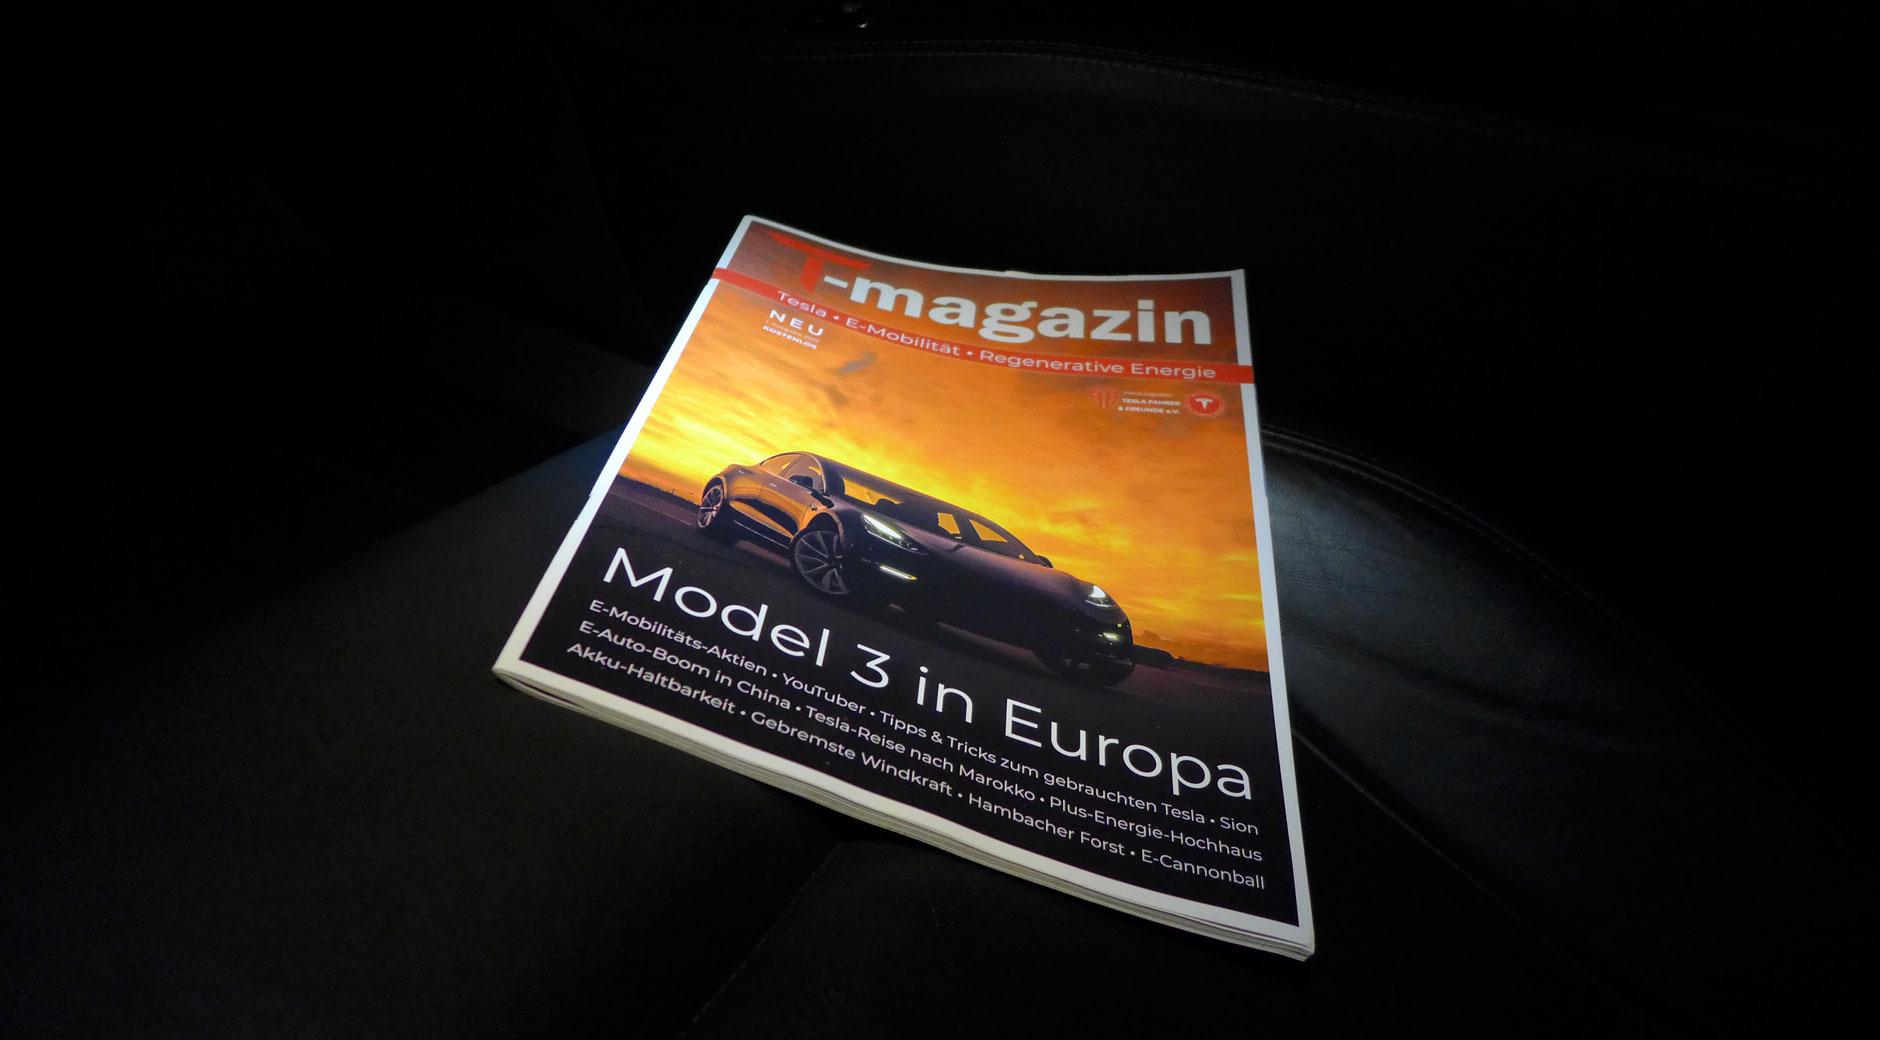 Das T-magazin liegt auf dem Beifahrersitz eines Tesla Model S (Bild: © Electrify-BW e.V.)